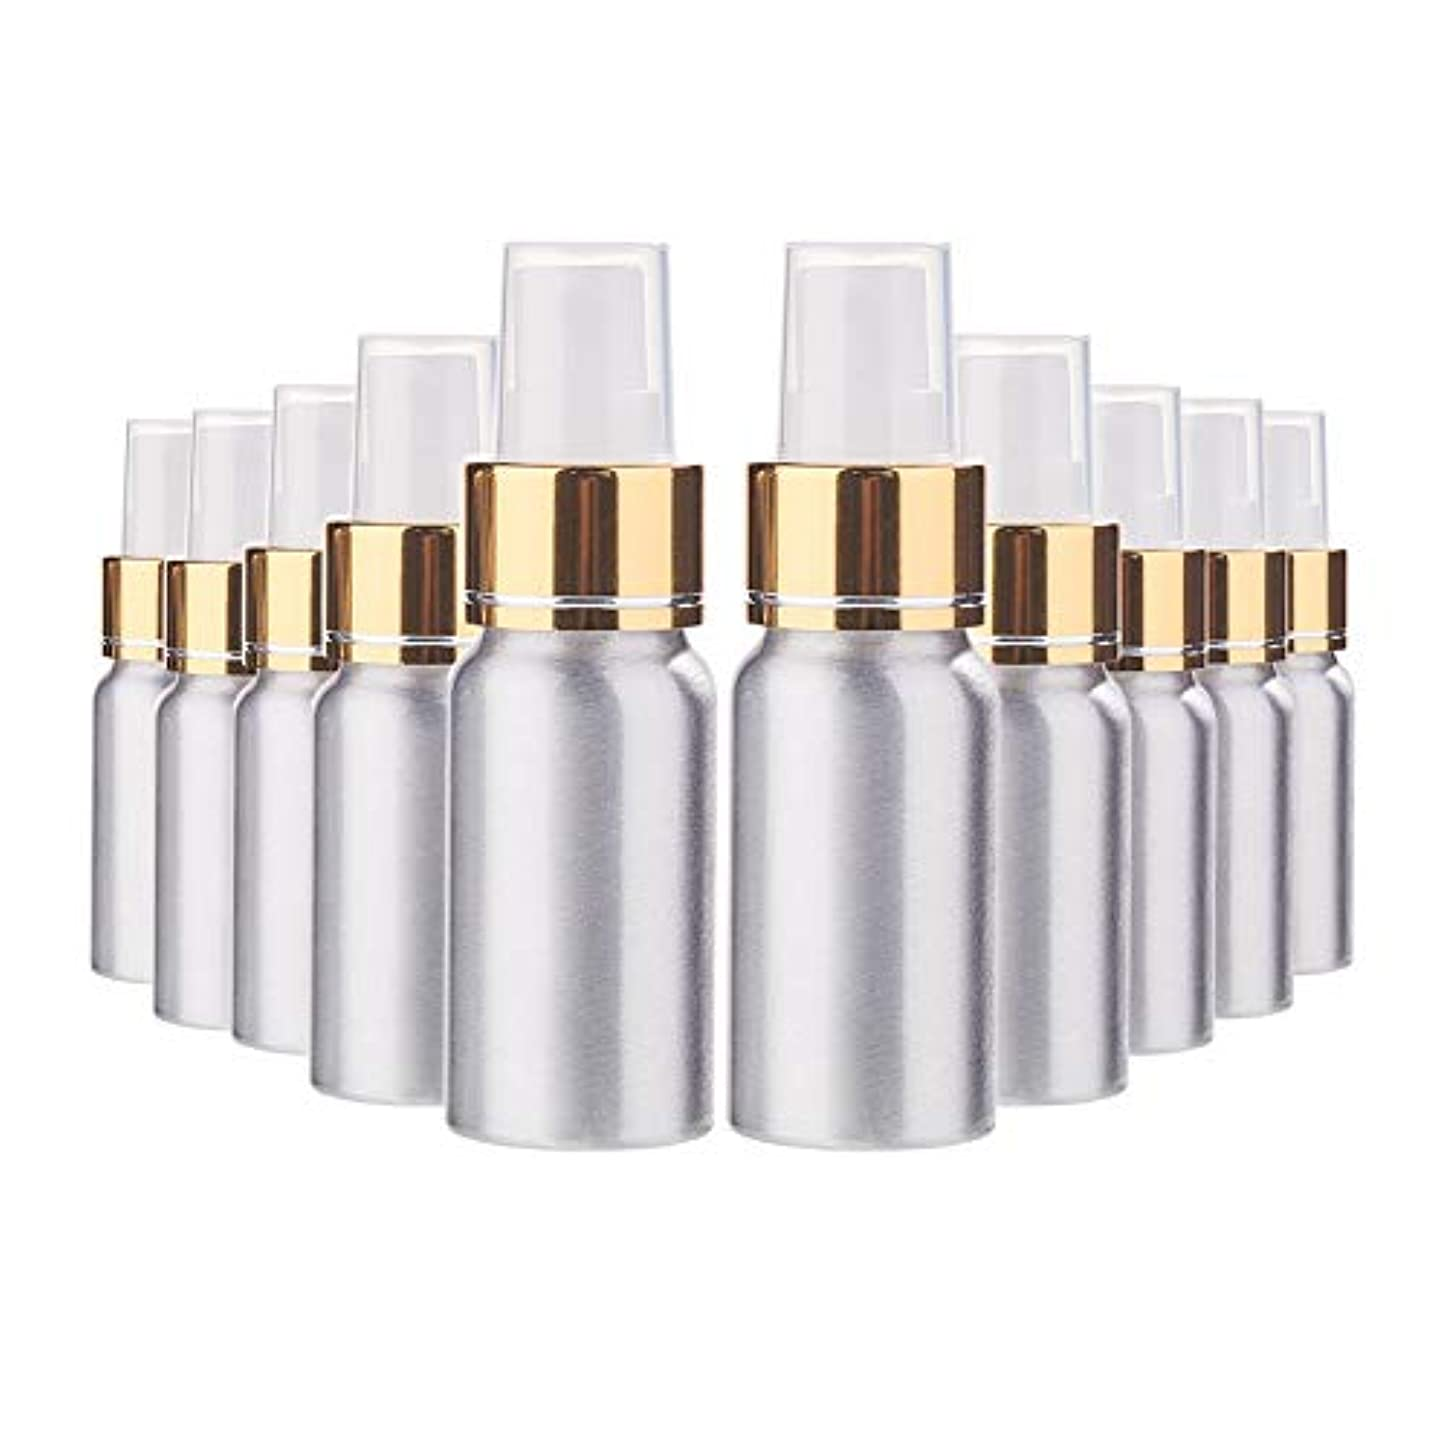 不屈第九すすり泣きBENECREAT 10個セット30mlスプレーアルミボトル 空ボトル 極細のミスト 防錆 軽量 化粧品 香水 小分け 詰め替え